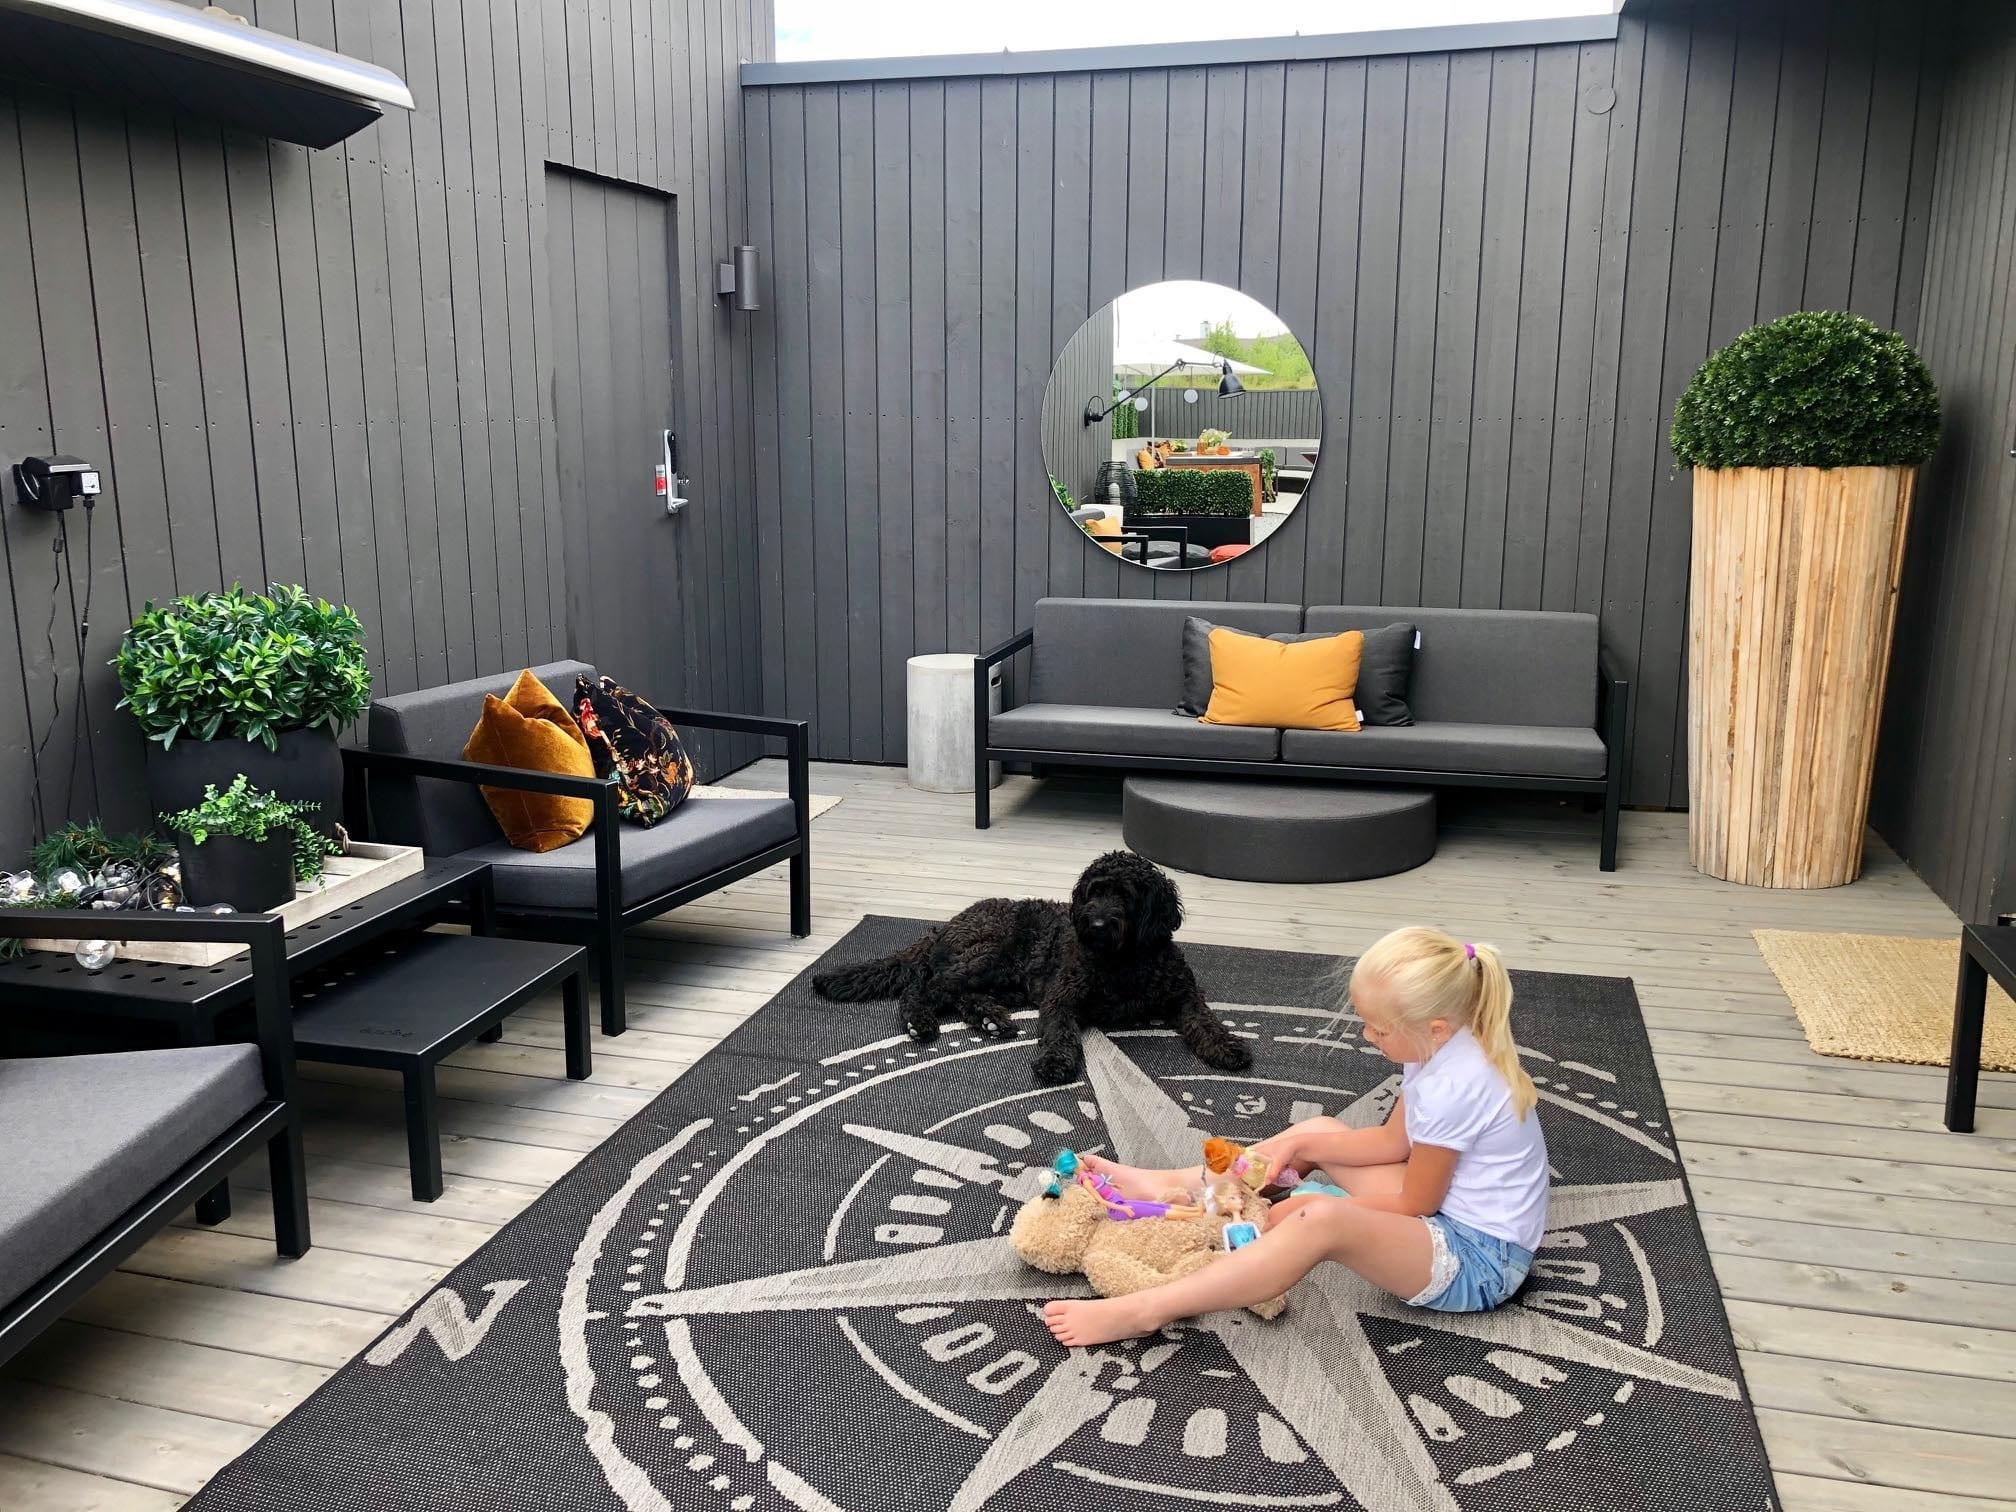 Uterom innredet med aluminiumshagemøbler og tepper der en liten jente leker mens hundenn ser på